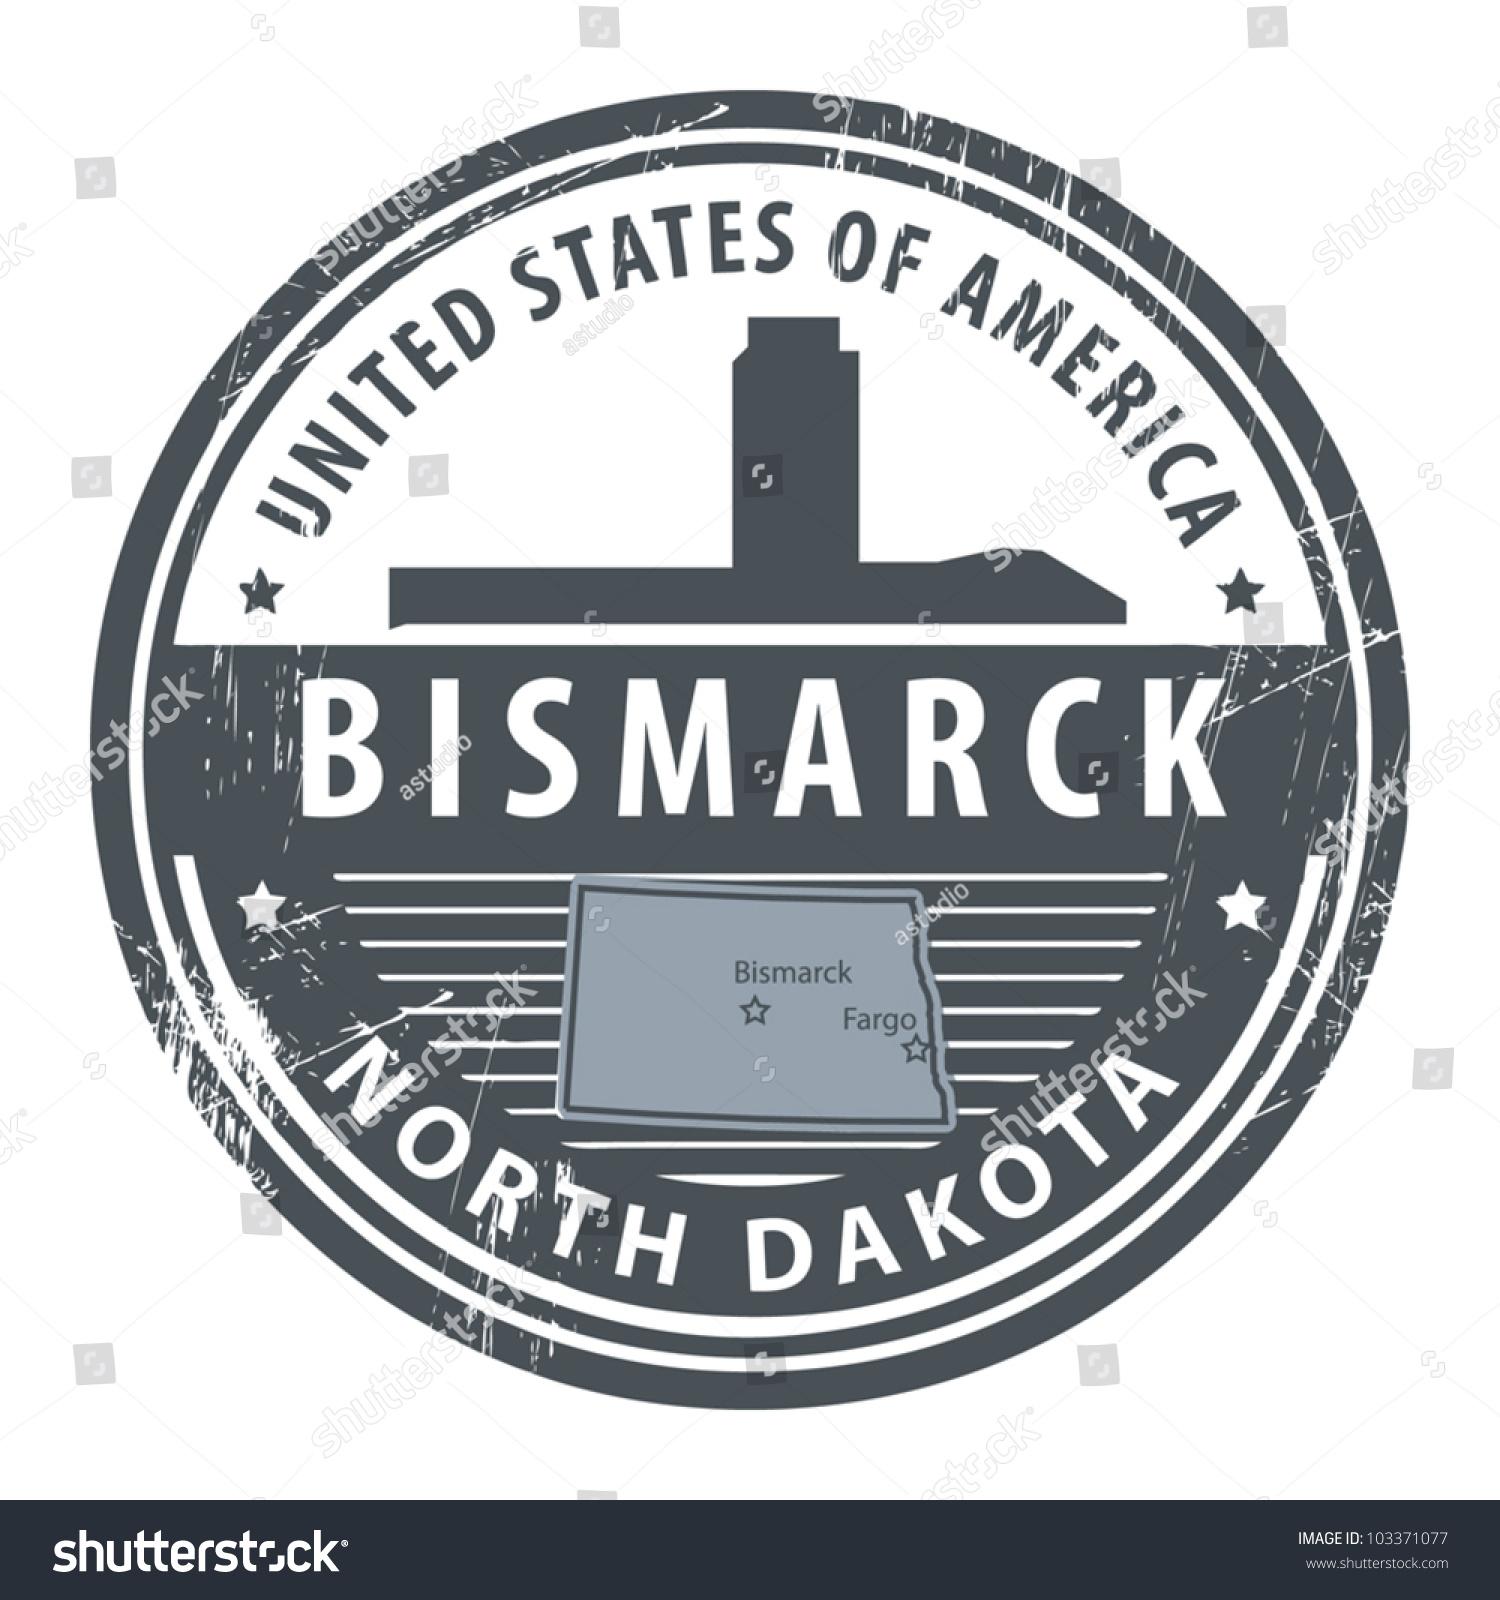 Grunge Rubber Stamp With Name Of North Dakota Bismarck Vector Illustration